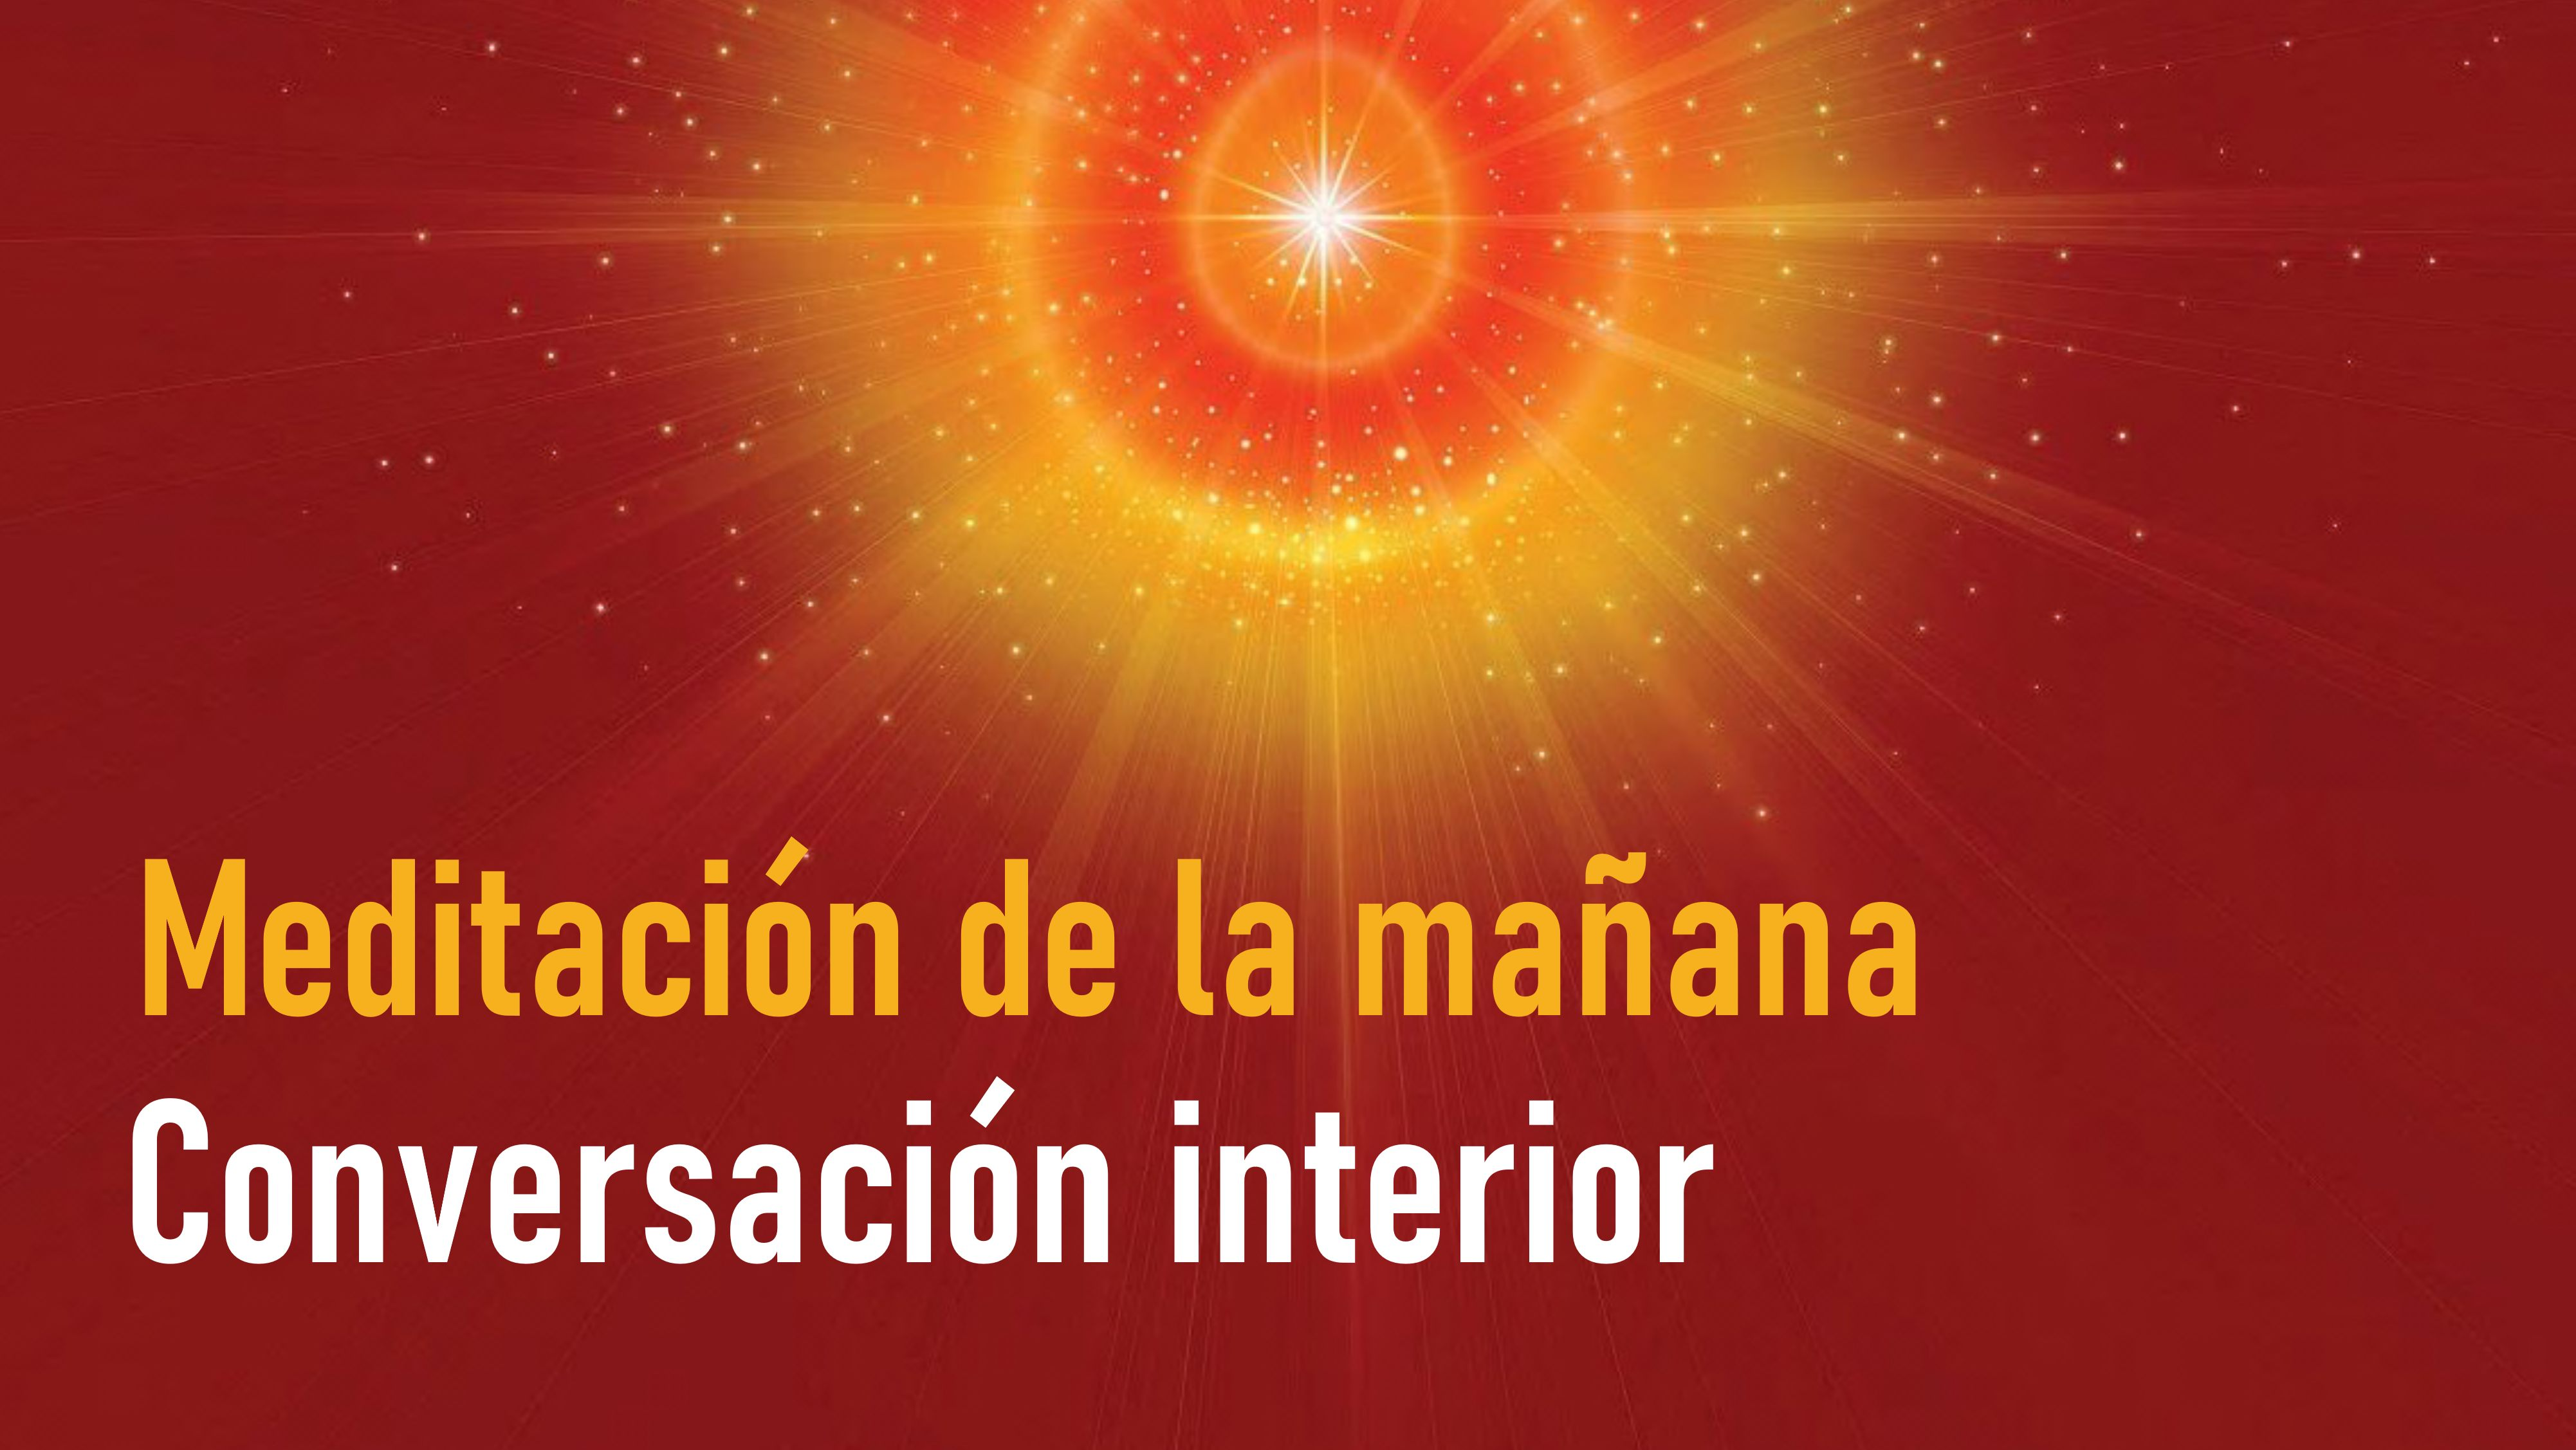 Meditación de la mañana: Conversación interior (10 Agosto 2020)